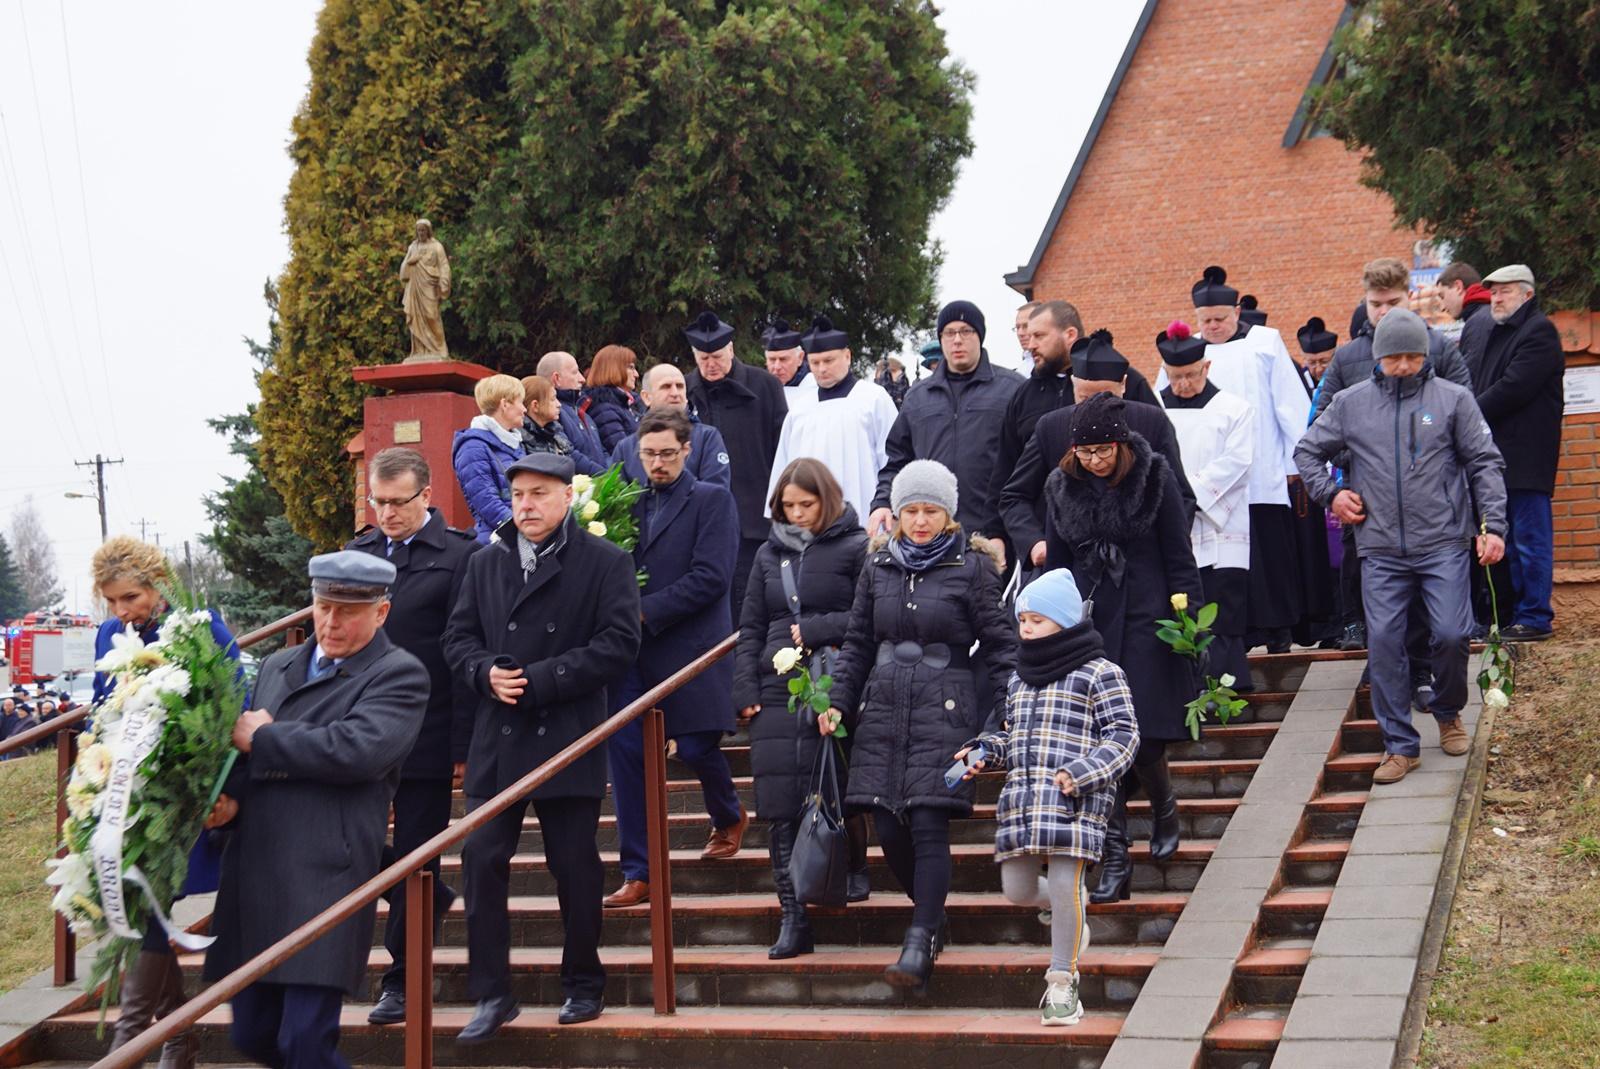 pogrzeb-ks-stanislaw-kusmierczyk-stykow-gmina-brody-DSC02207-f.JPG